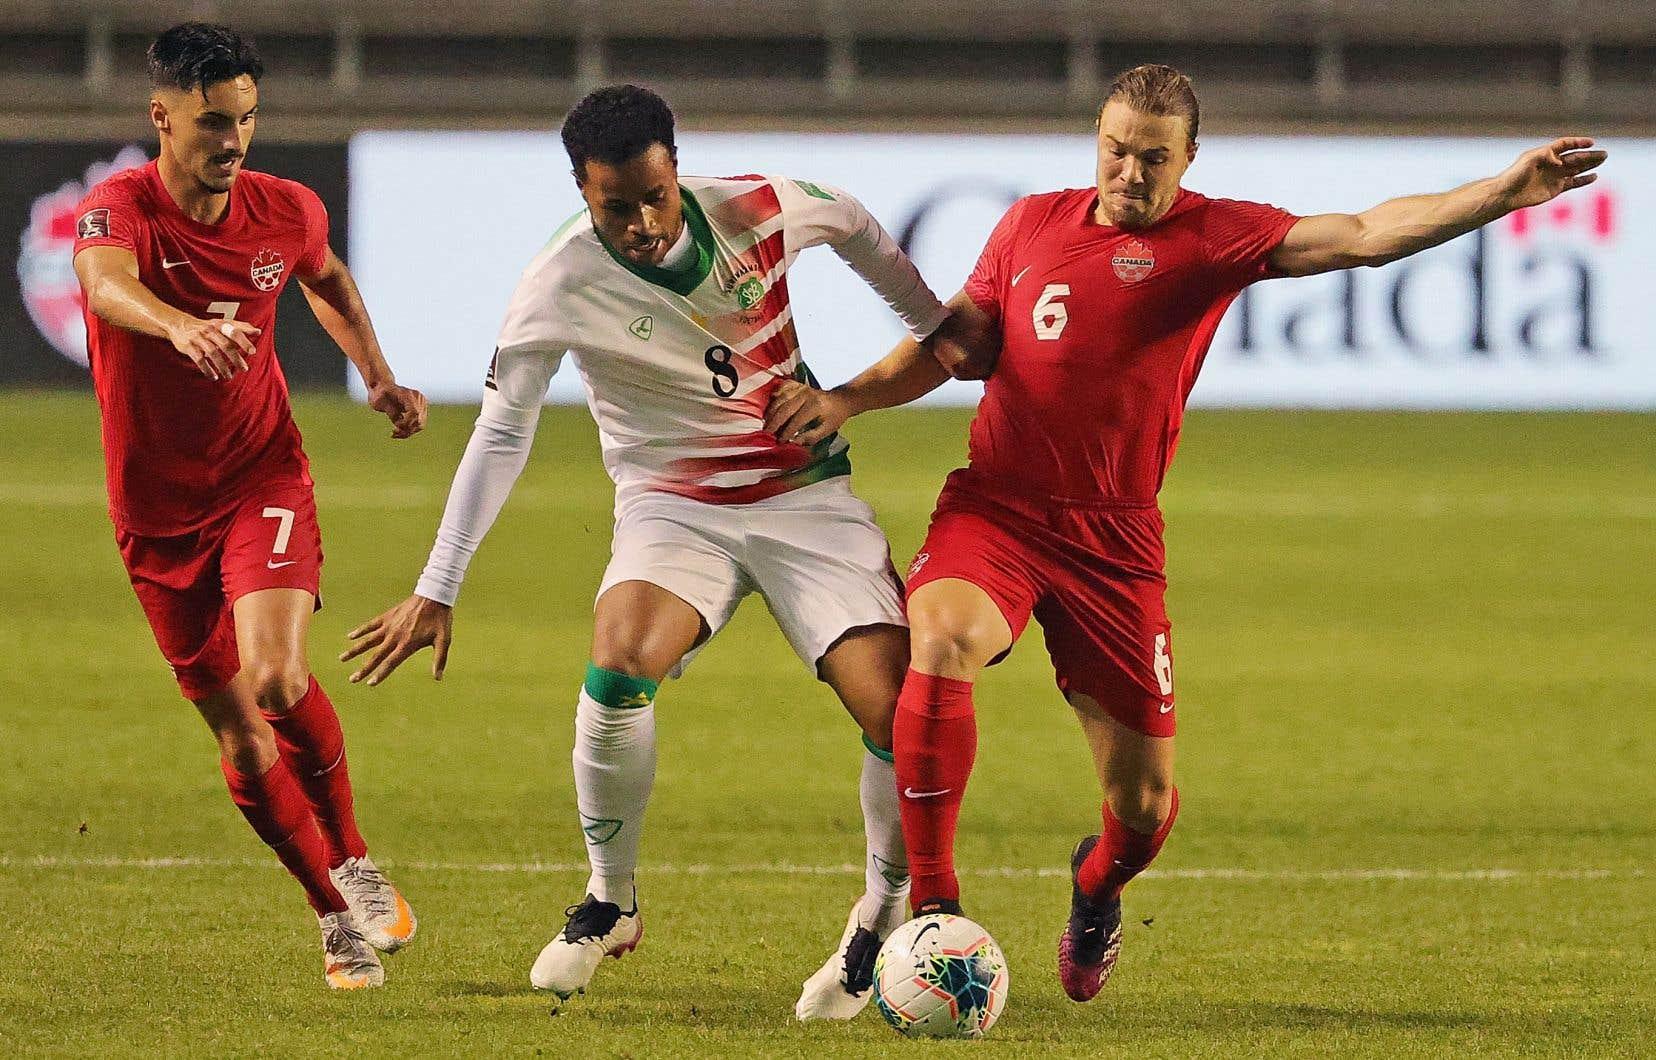 Les joueurs canadiens n'ont pas atteint la ronde finale de qualification dans la région qui comprend l'Amérique du Nord et Centrale et les Caraïbes depuis 1996-97.